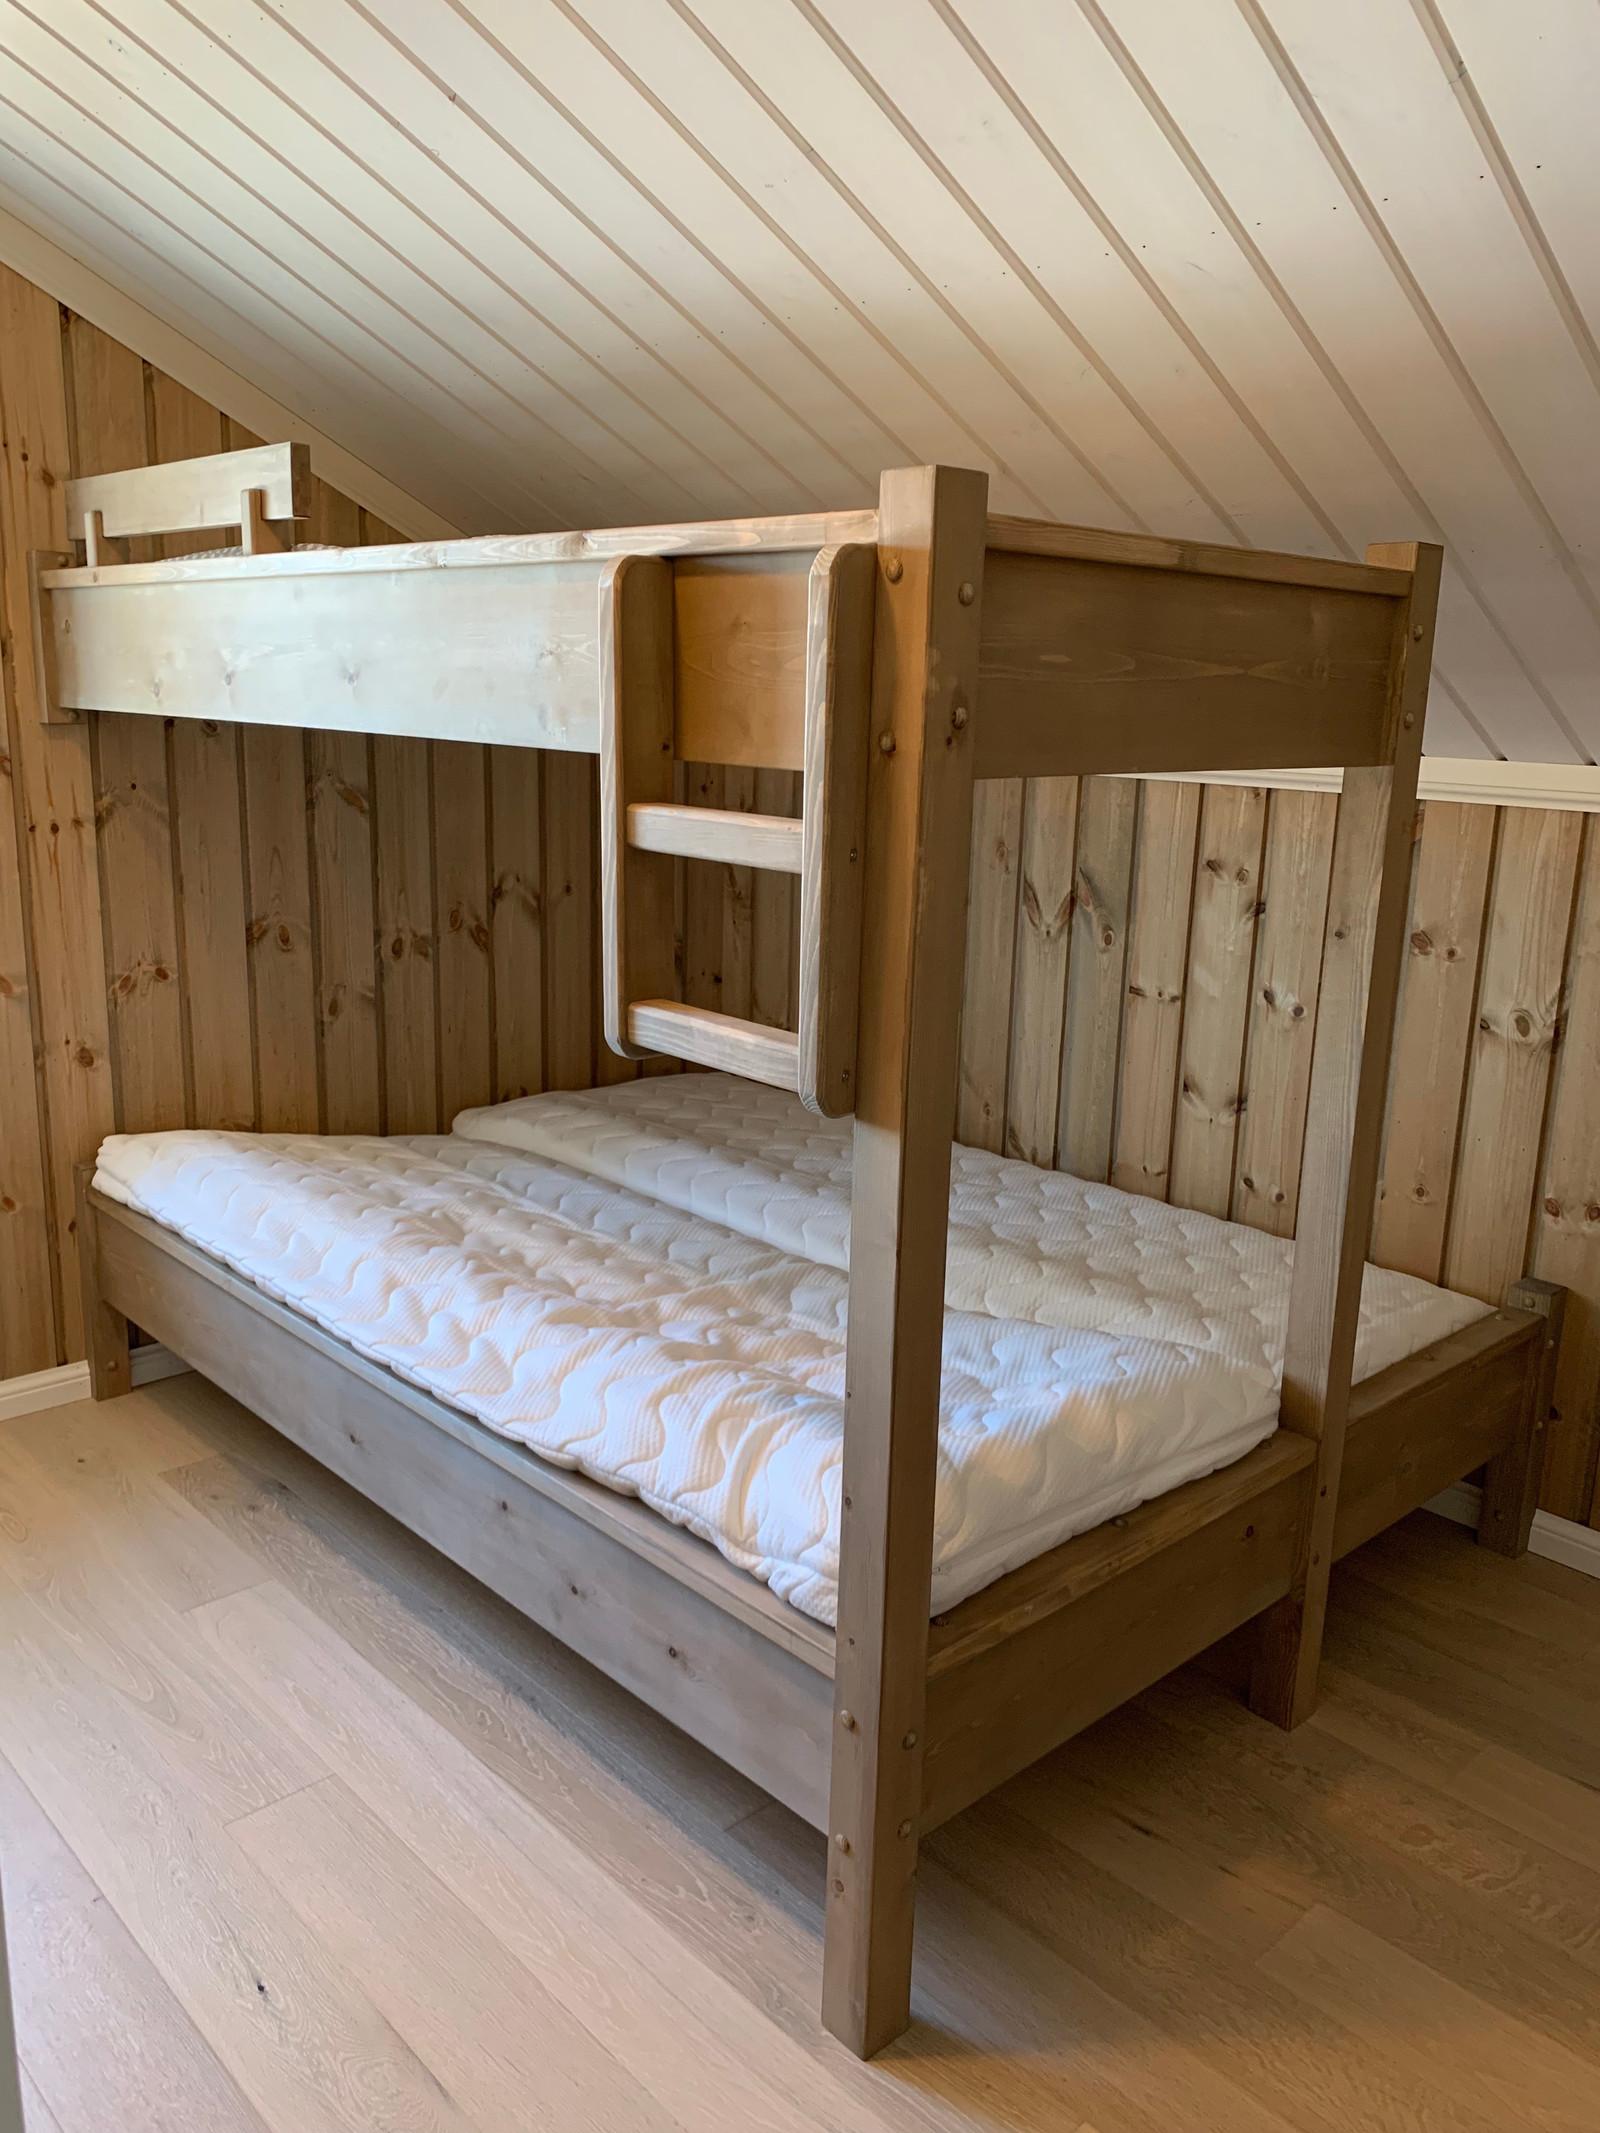 Sov 3. i andre etasje. Plass bygget senger, til valg.